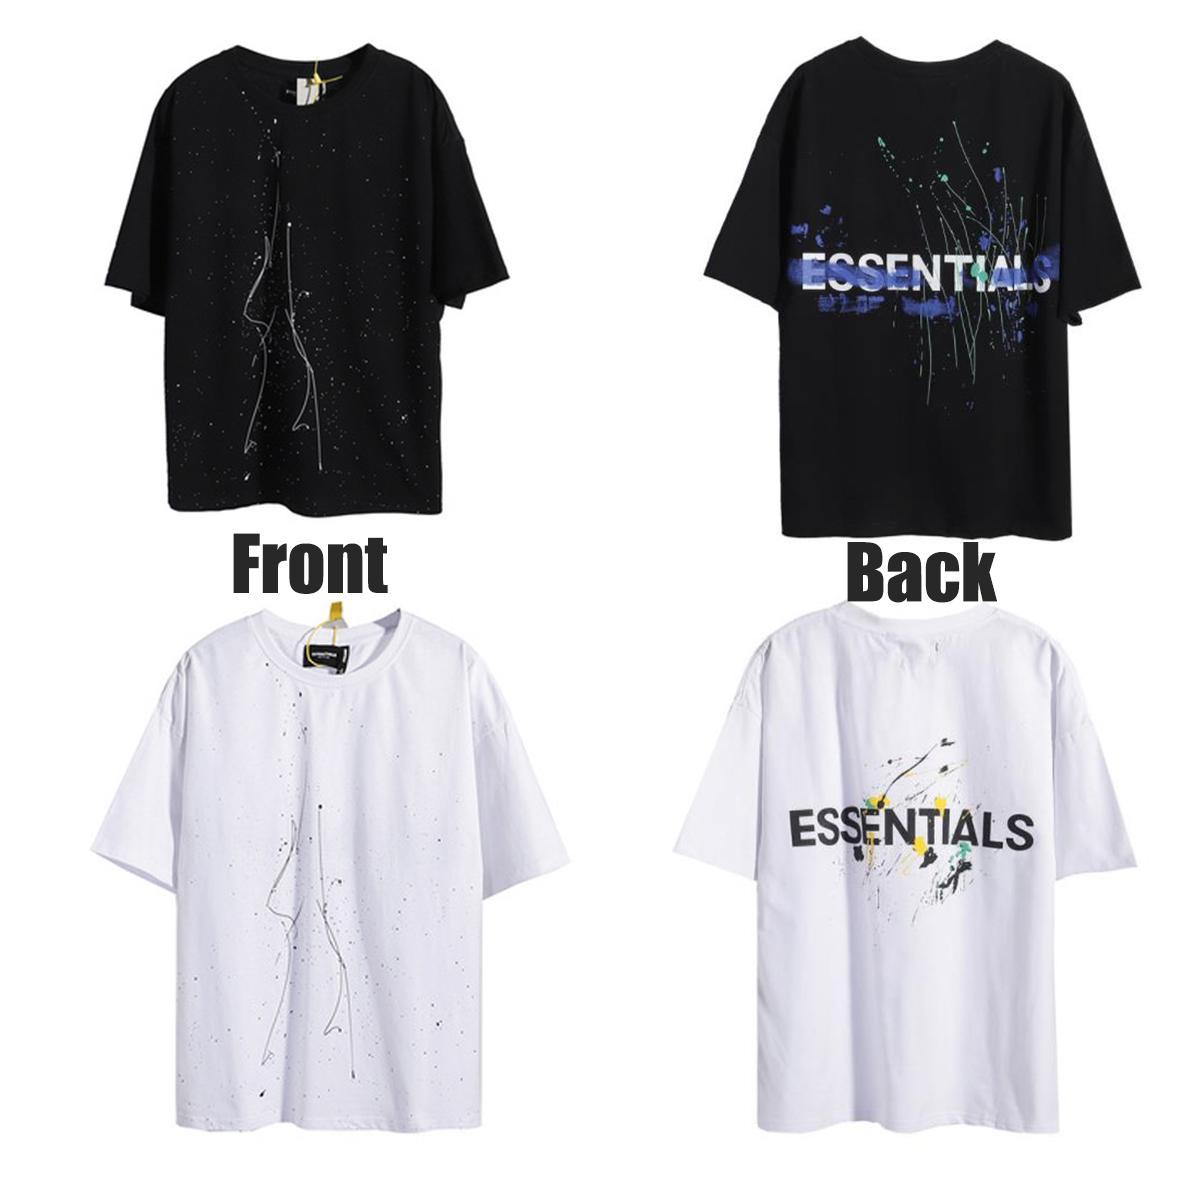 2021 Essentials T Shirt Kravat Boya Eğlence Tee Çift Taraflı Baskı Mektuplar Trendler Trendler Korku Sis Tshirt Erkek Bayan Tasarımcılar Kısa Kol